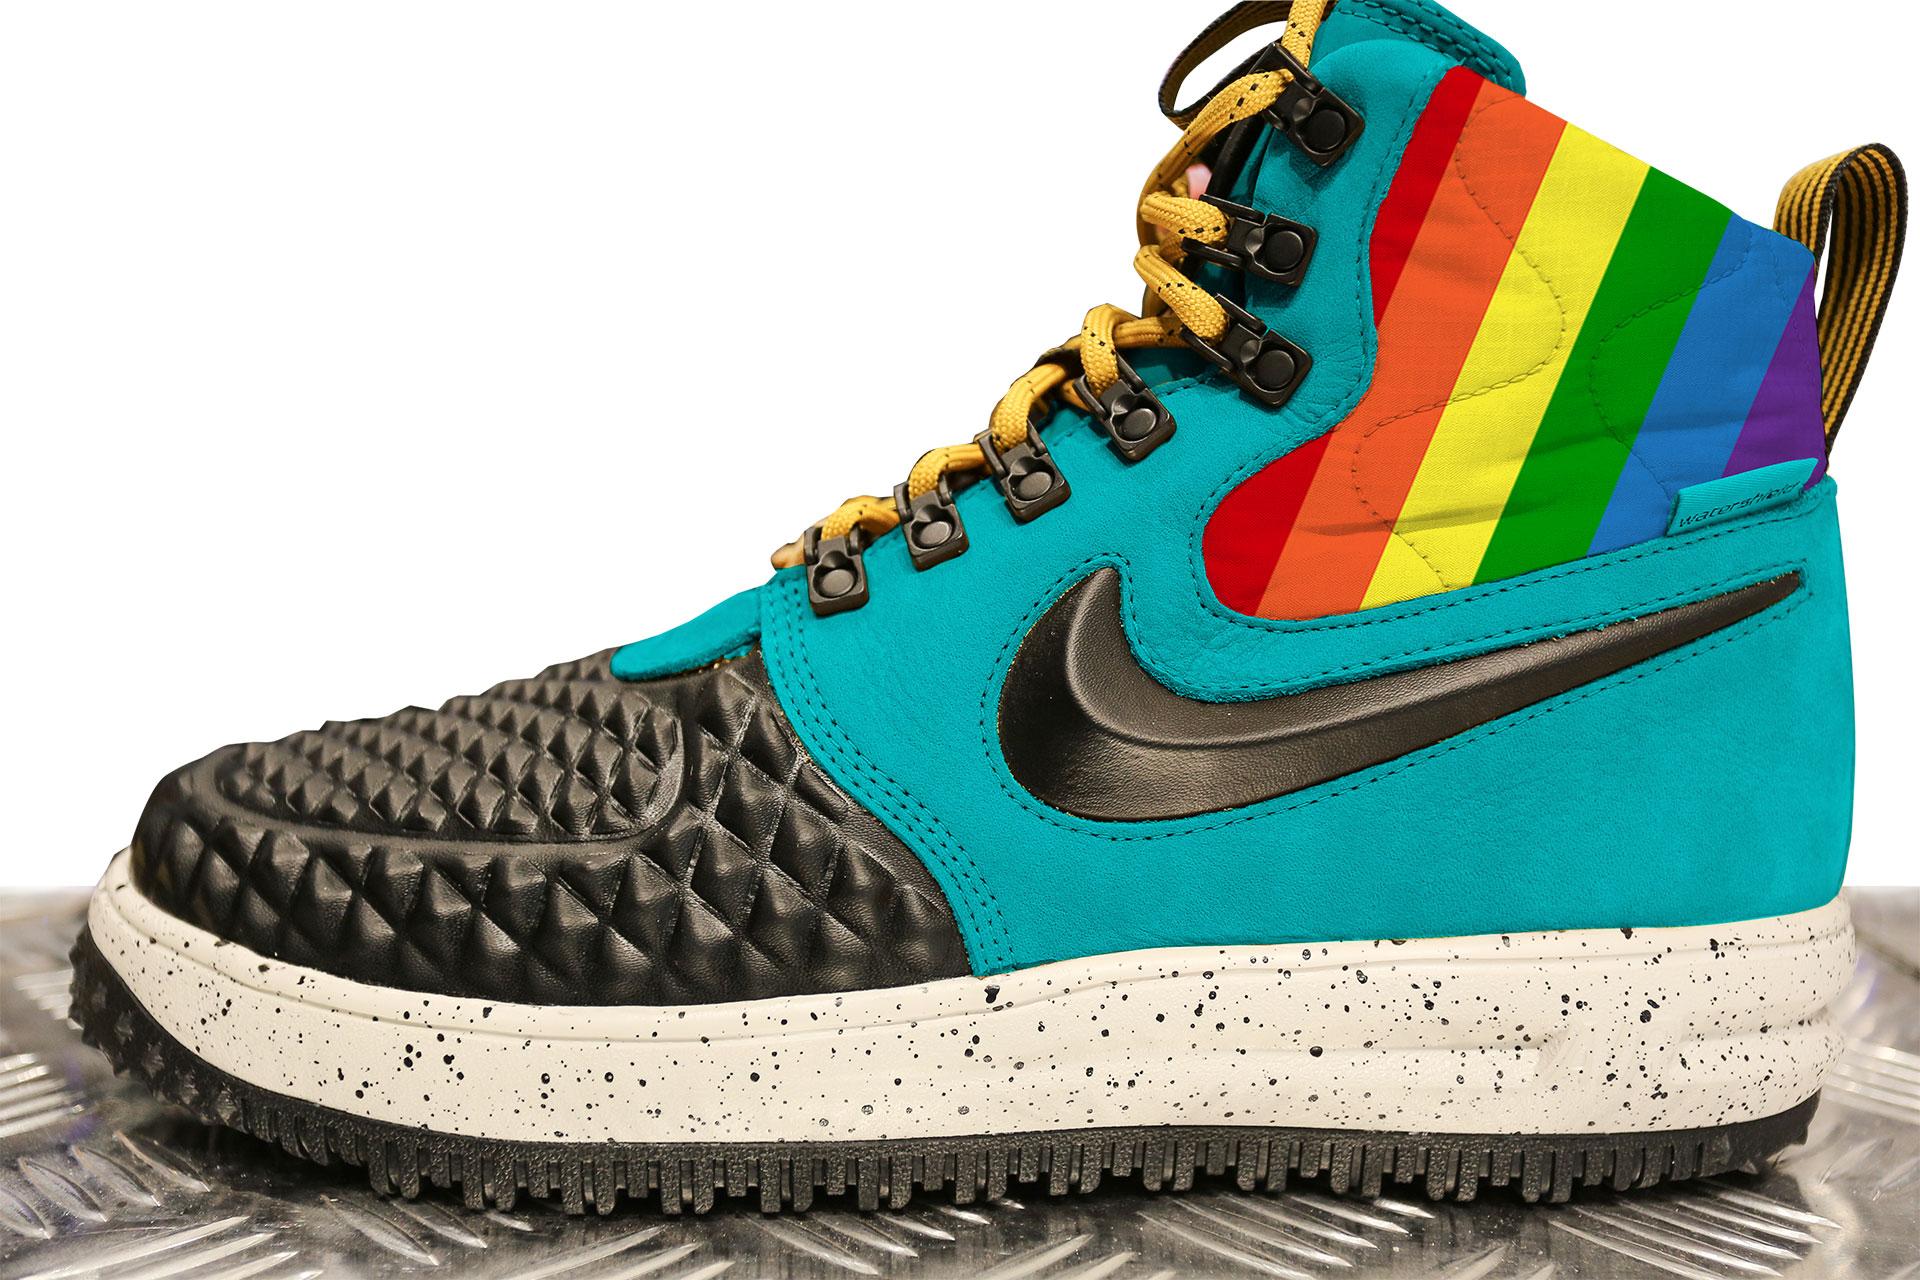 Σχεδιασμός παπούτσι